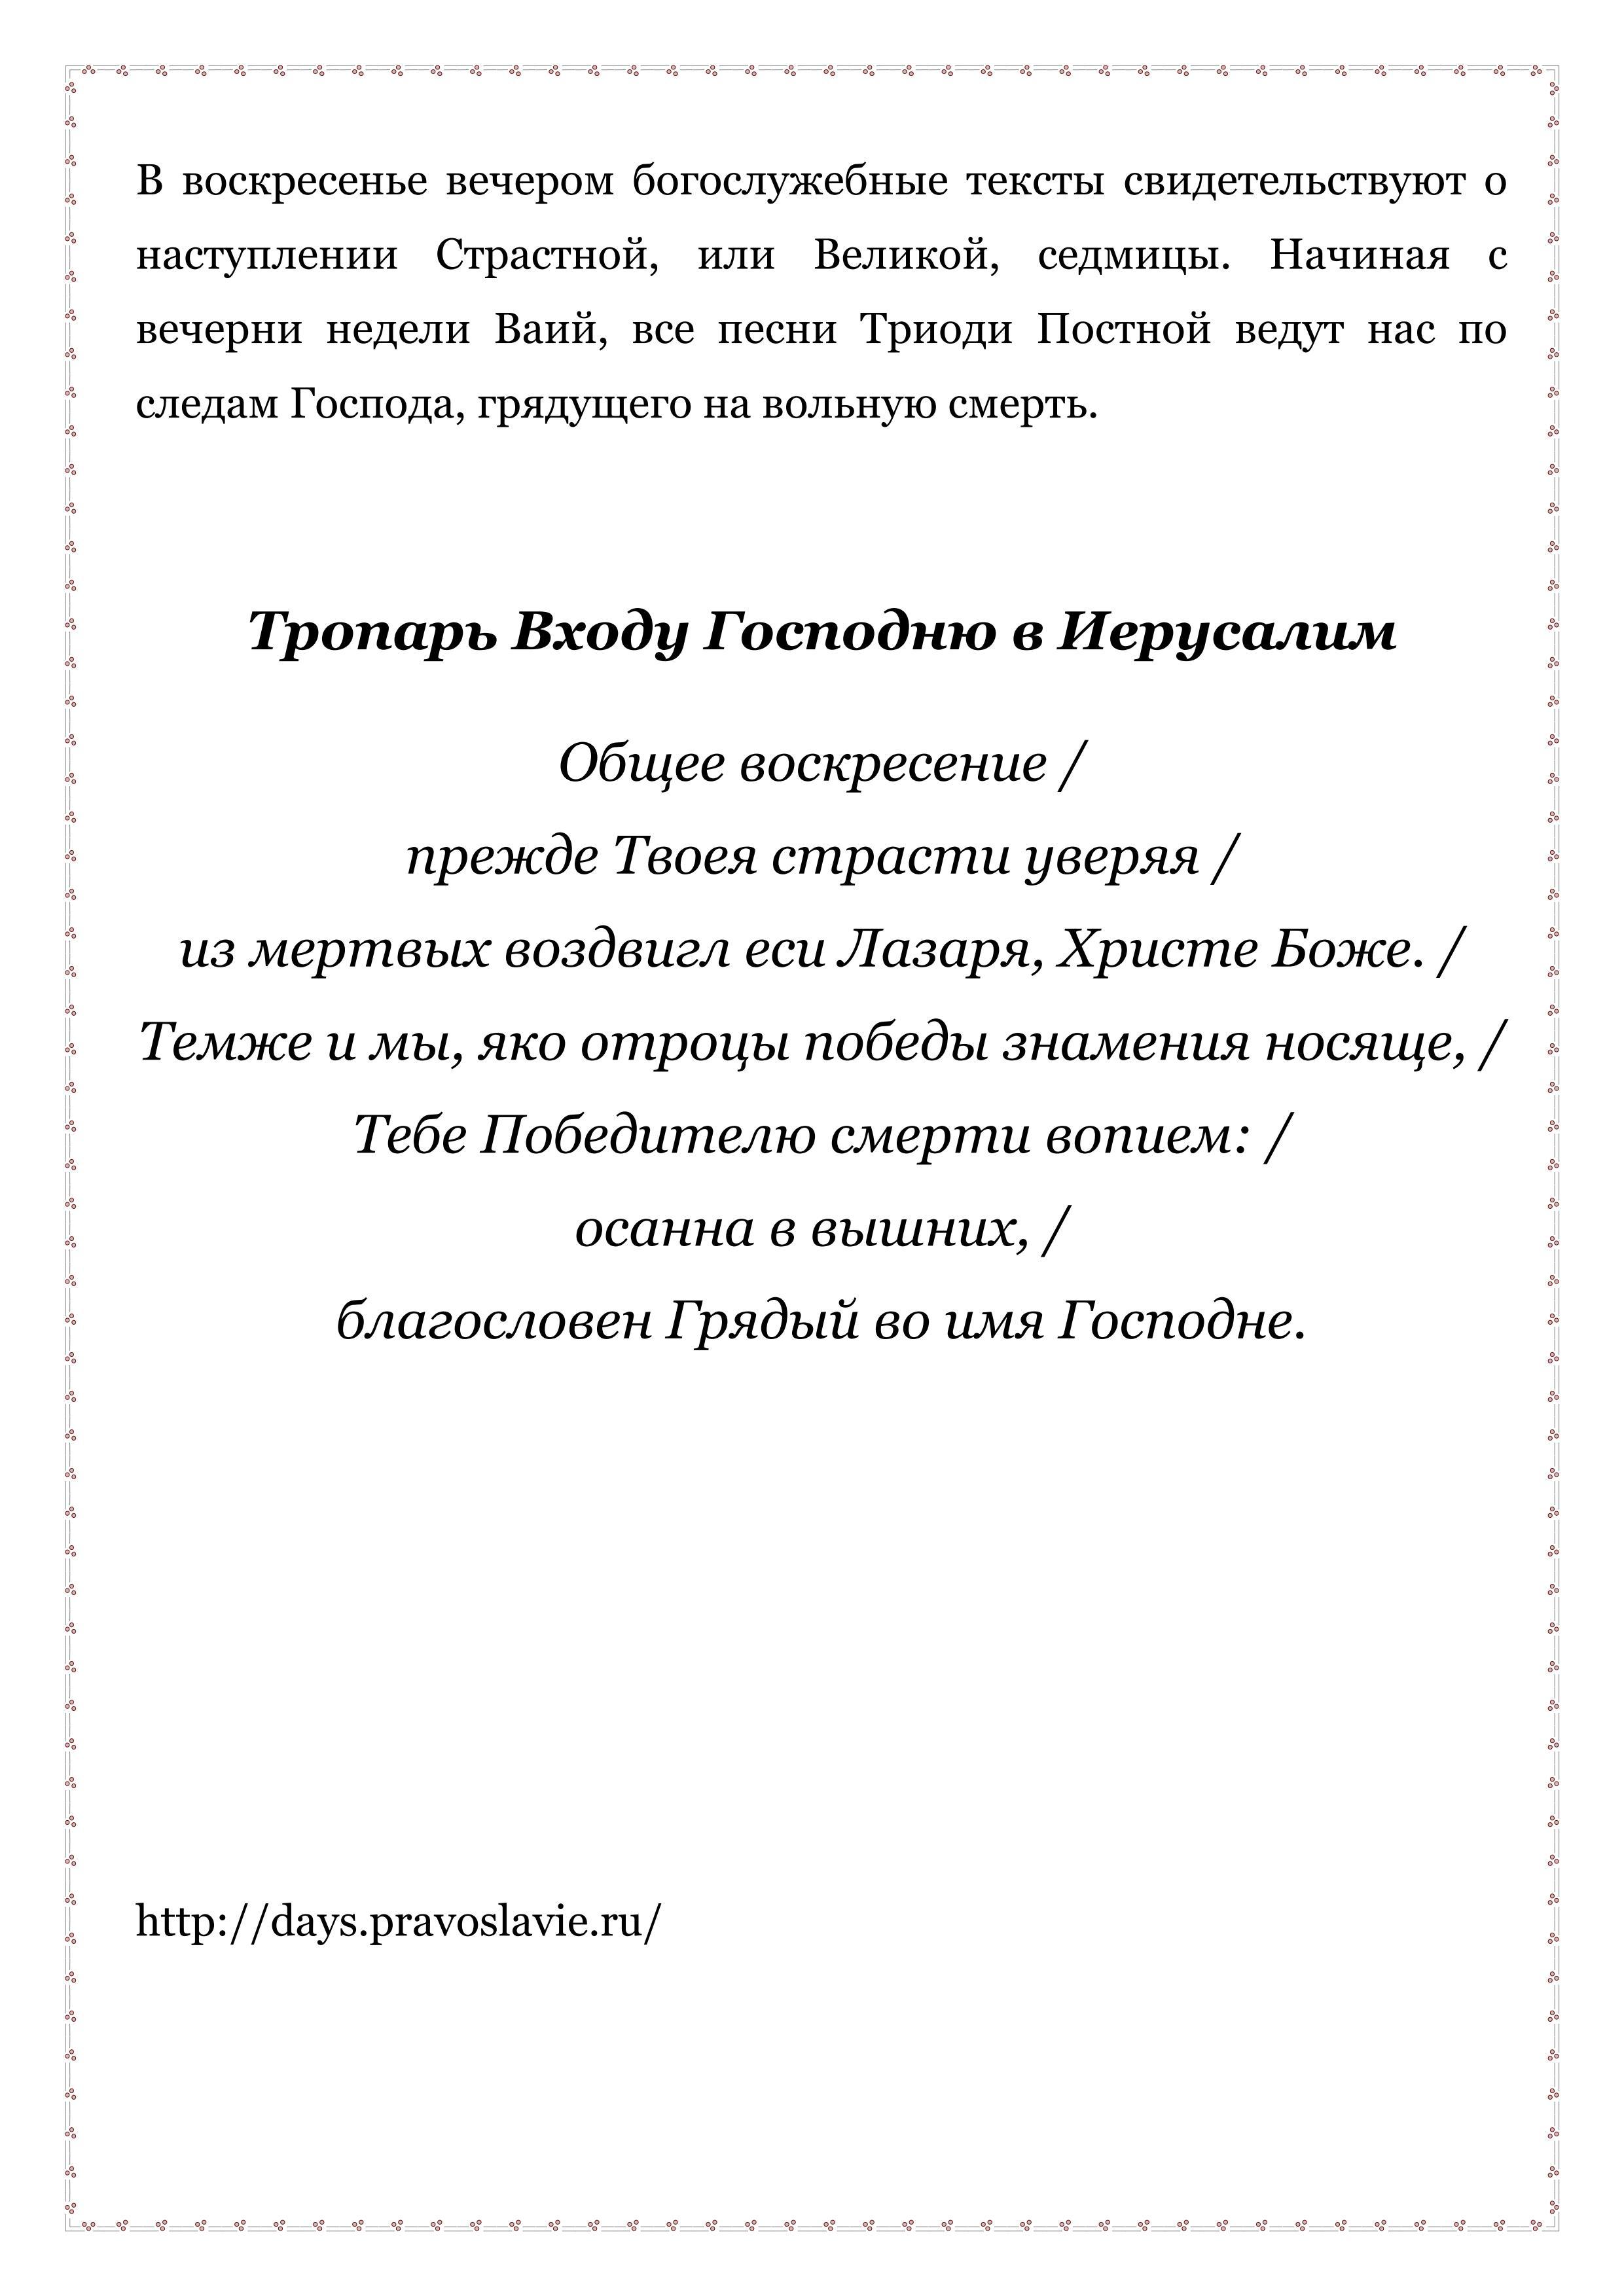 Лазарь, Вербное_06